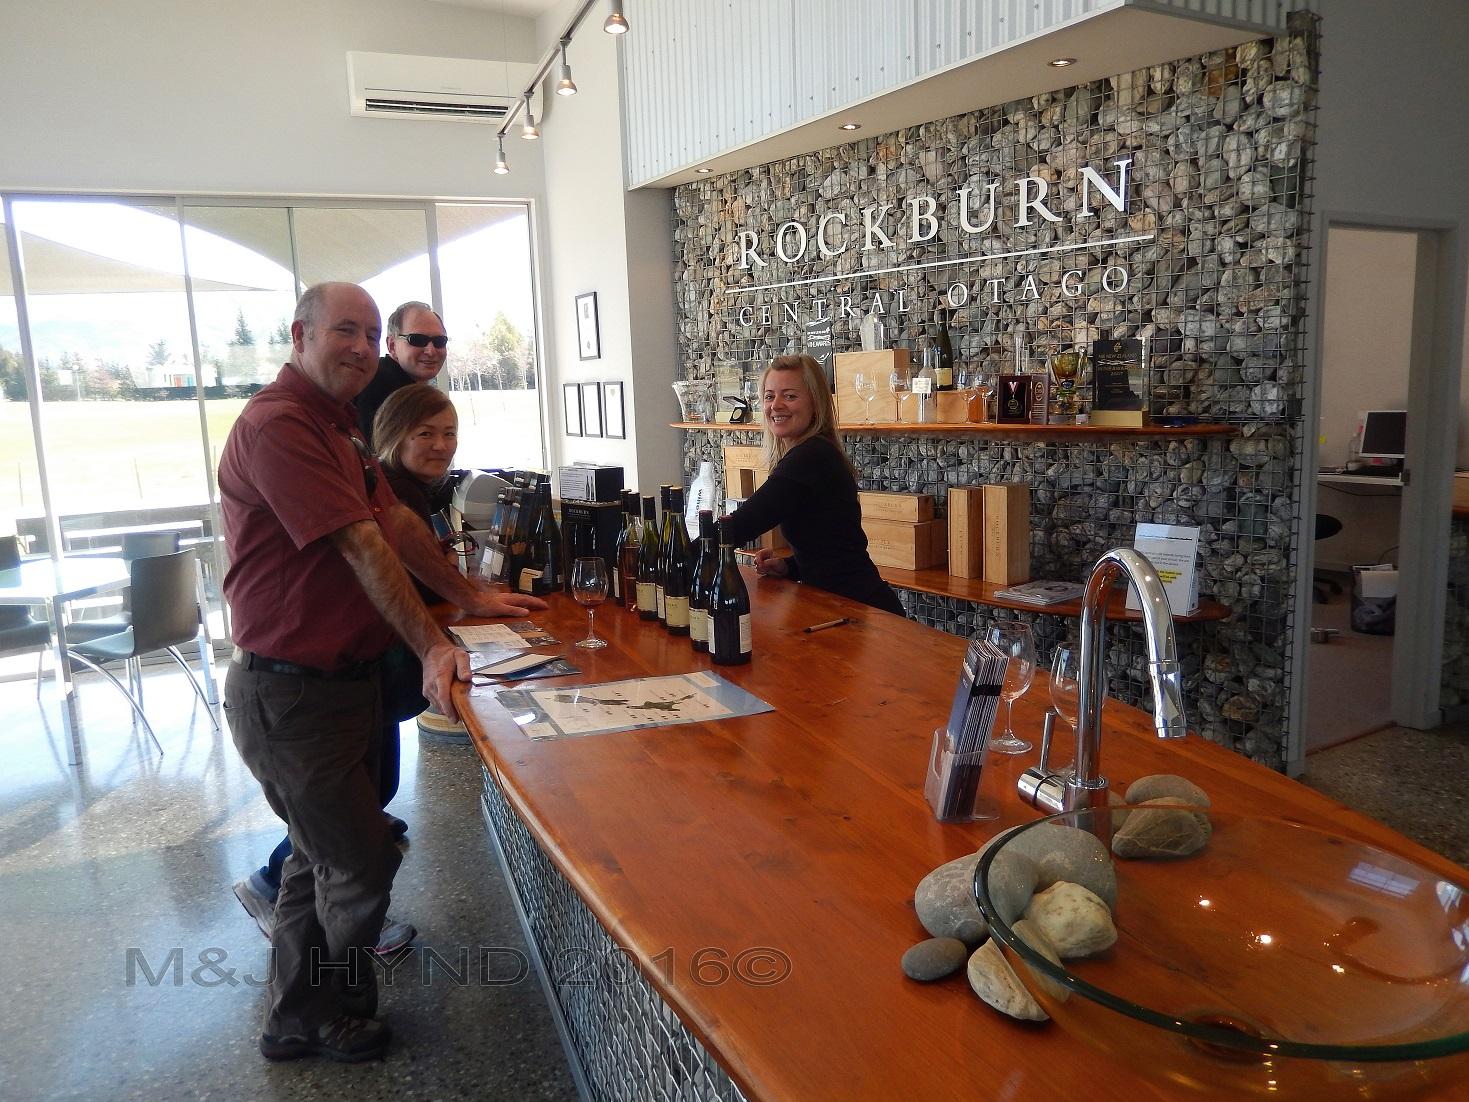 Rockburn Winery tasting, Cromwell, Central Otago, NZ